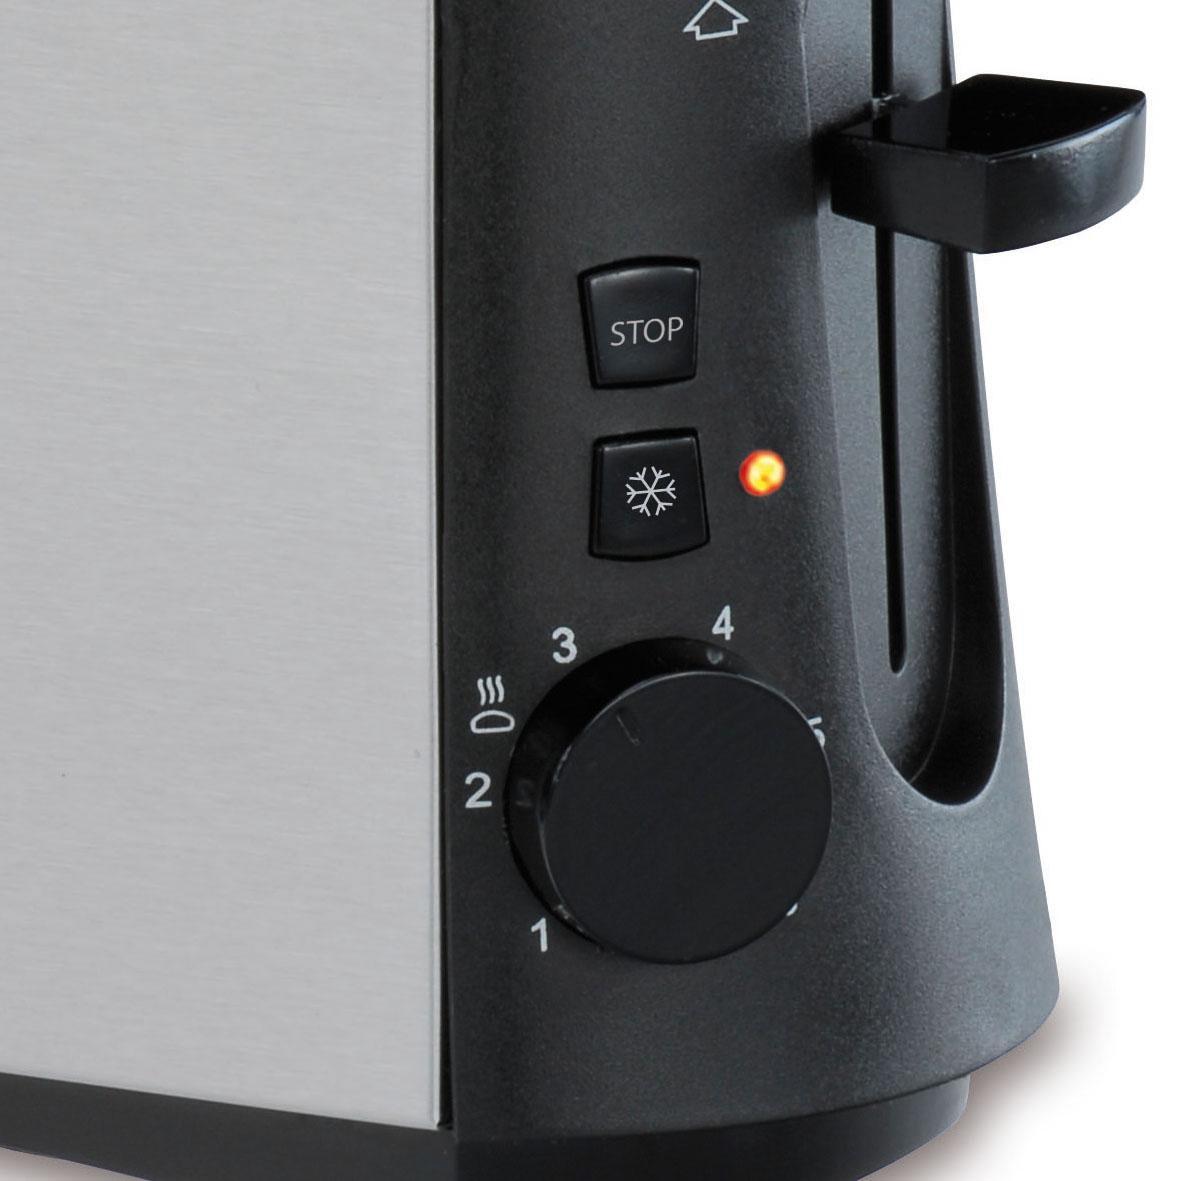 Amazon.de: Cloer 3890 Single-Toaster/Minitoaster für 1 Toastscheibe ...